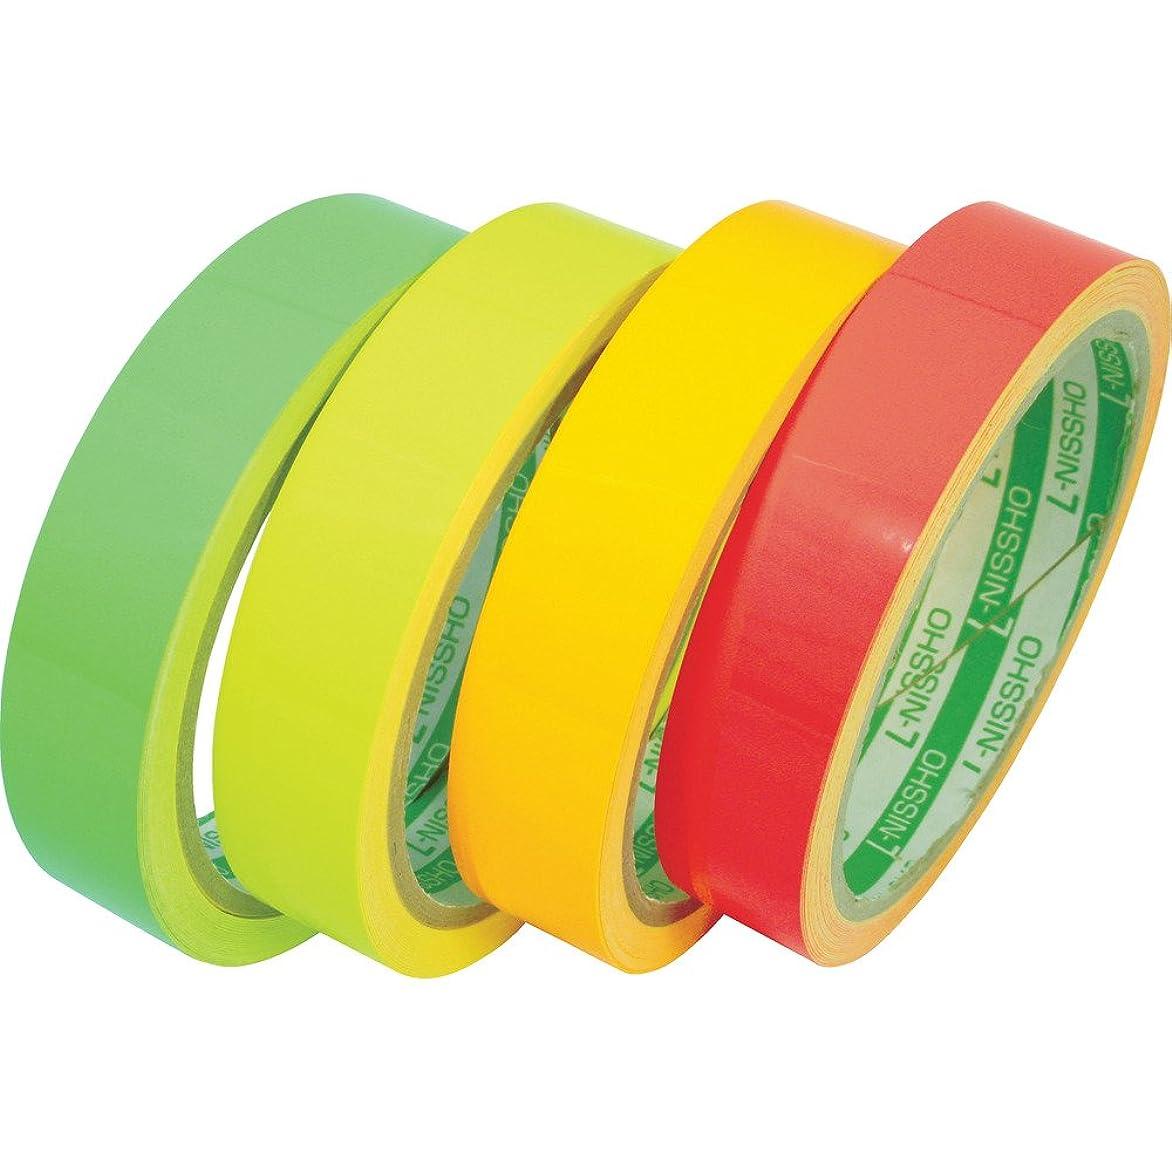 大使セラフのホスト日東エルマテ 蛍光テープ 150mmX5m グリーン LK-150GN 反射テープ